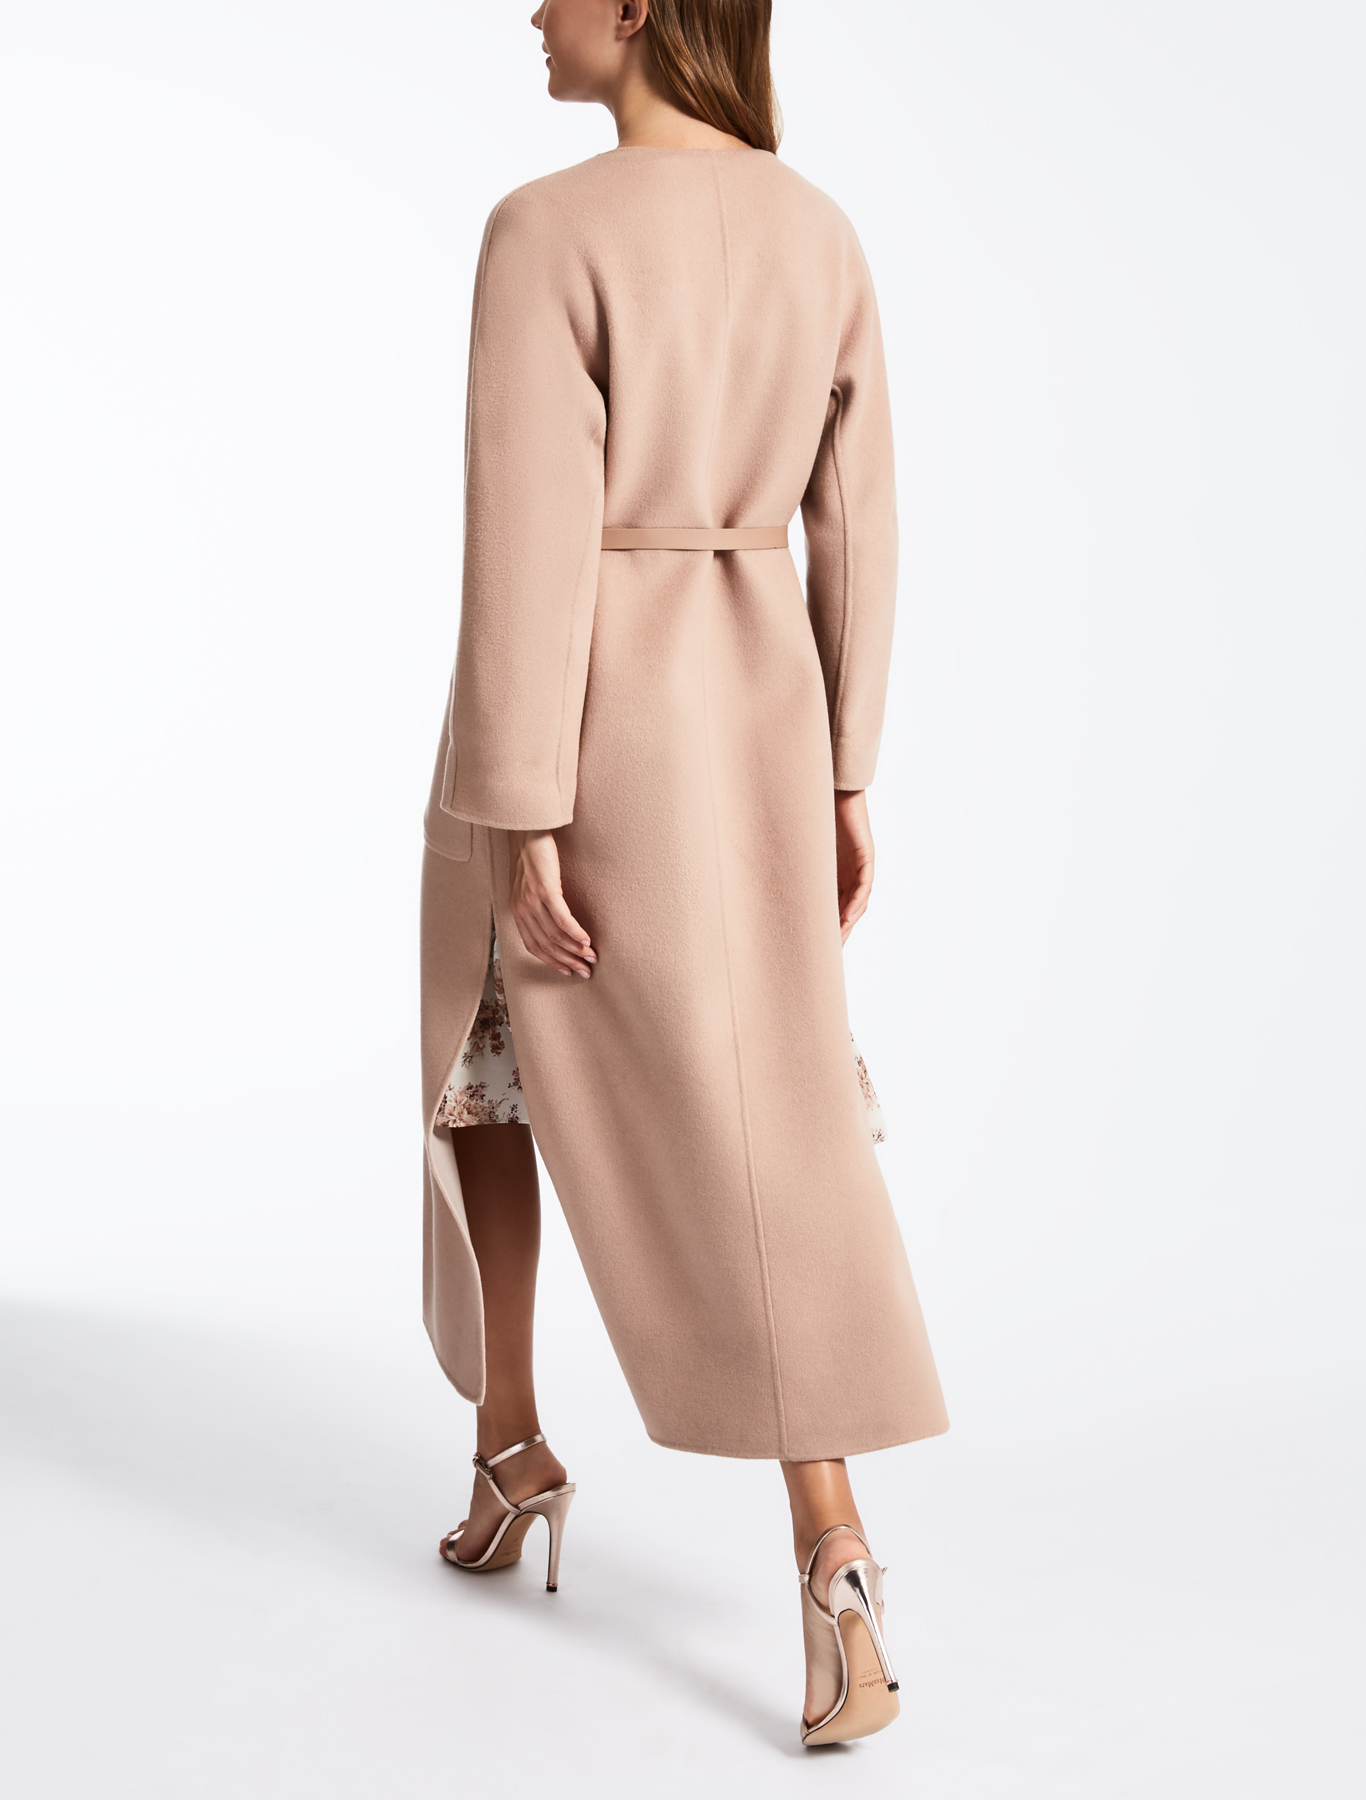 Стильная женская одежда купить в казани